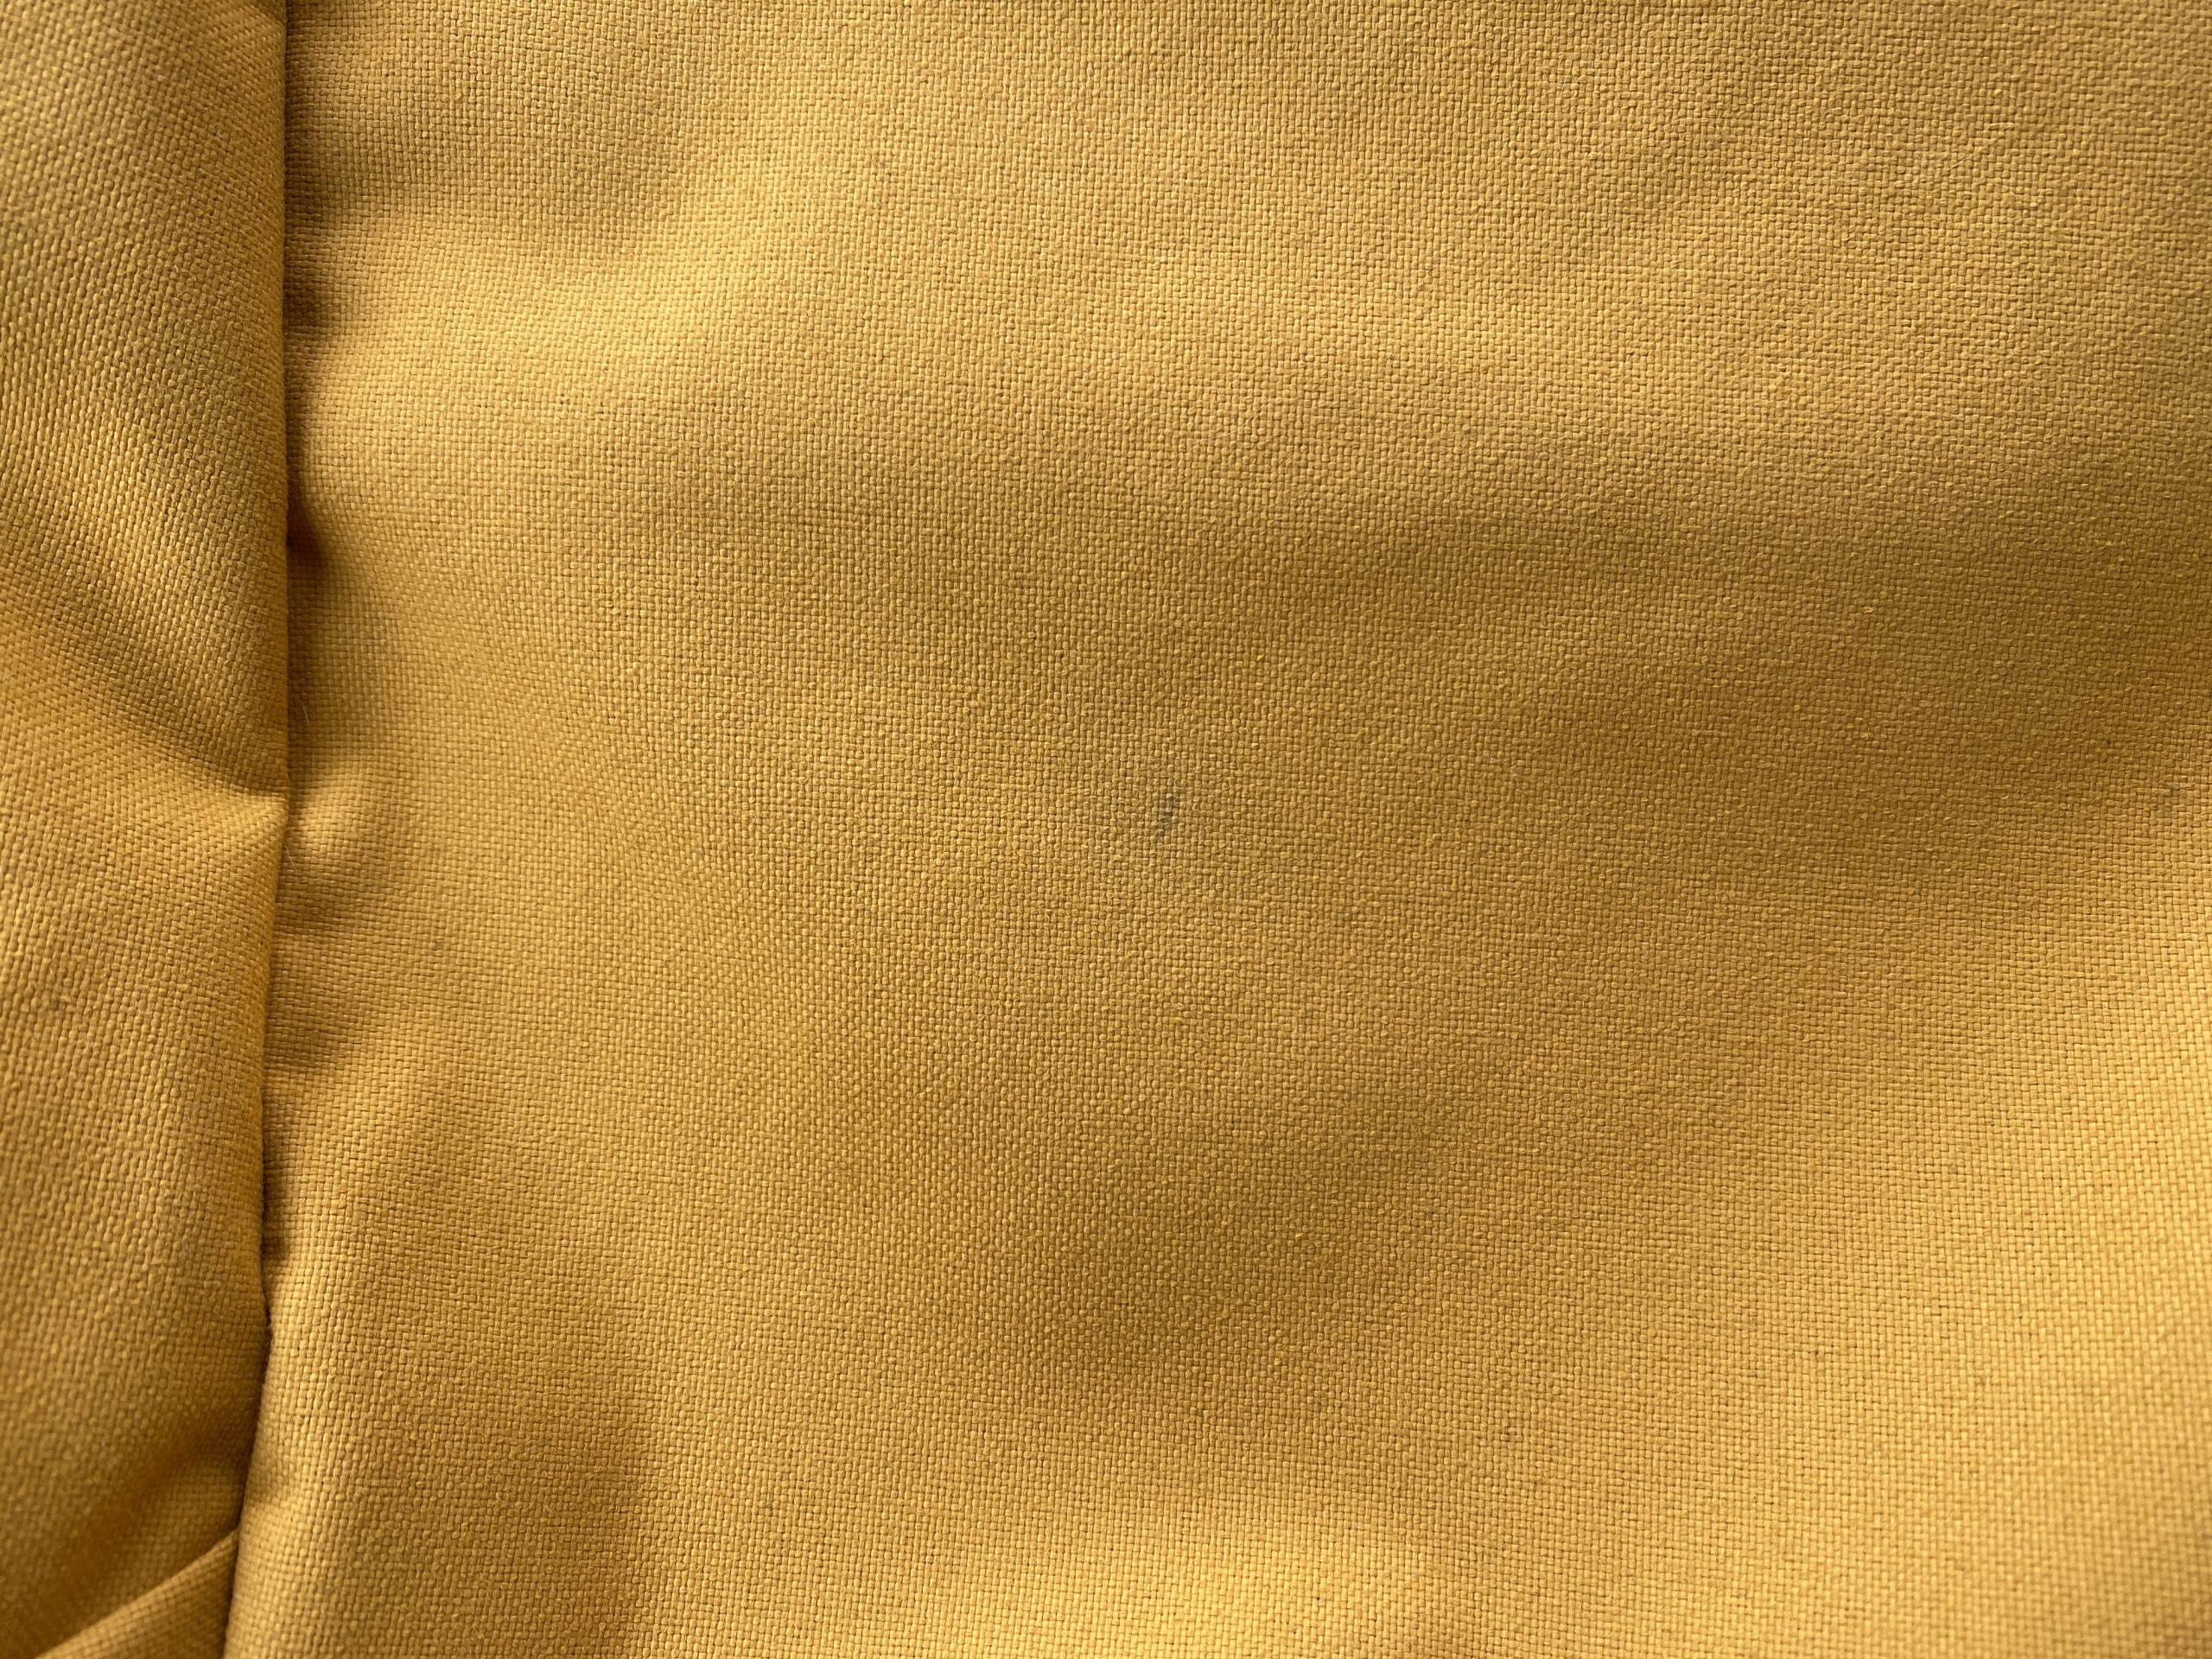 Osprey Arcane Large Day Pack (V2) Fabric Mark